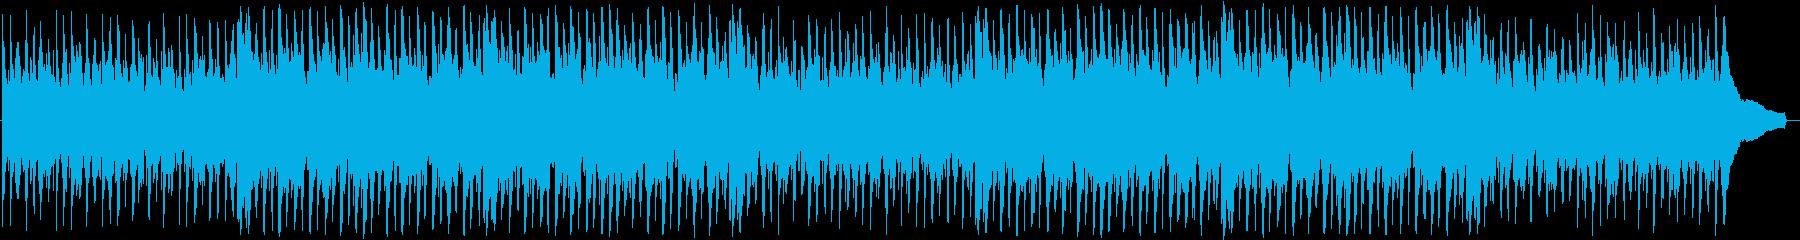 爽やかなコーポレート系流行サウンド♪の再生済みの波形